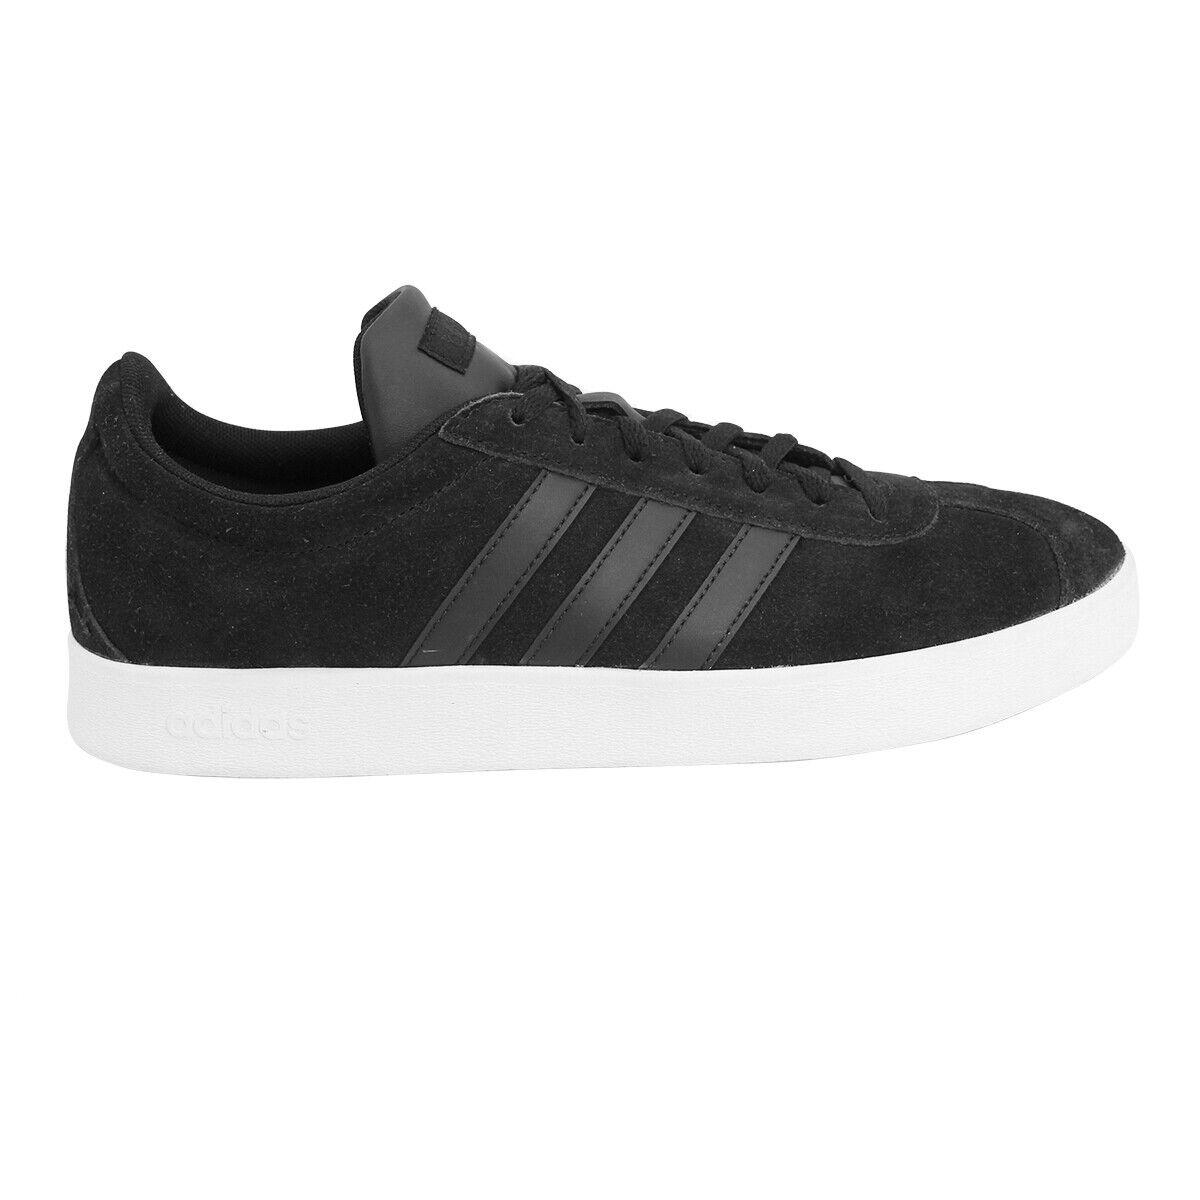 Adidas Originals VL COURT 2.0Wildleder Herren Turnschuhe Schuhe Neu